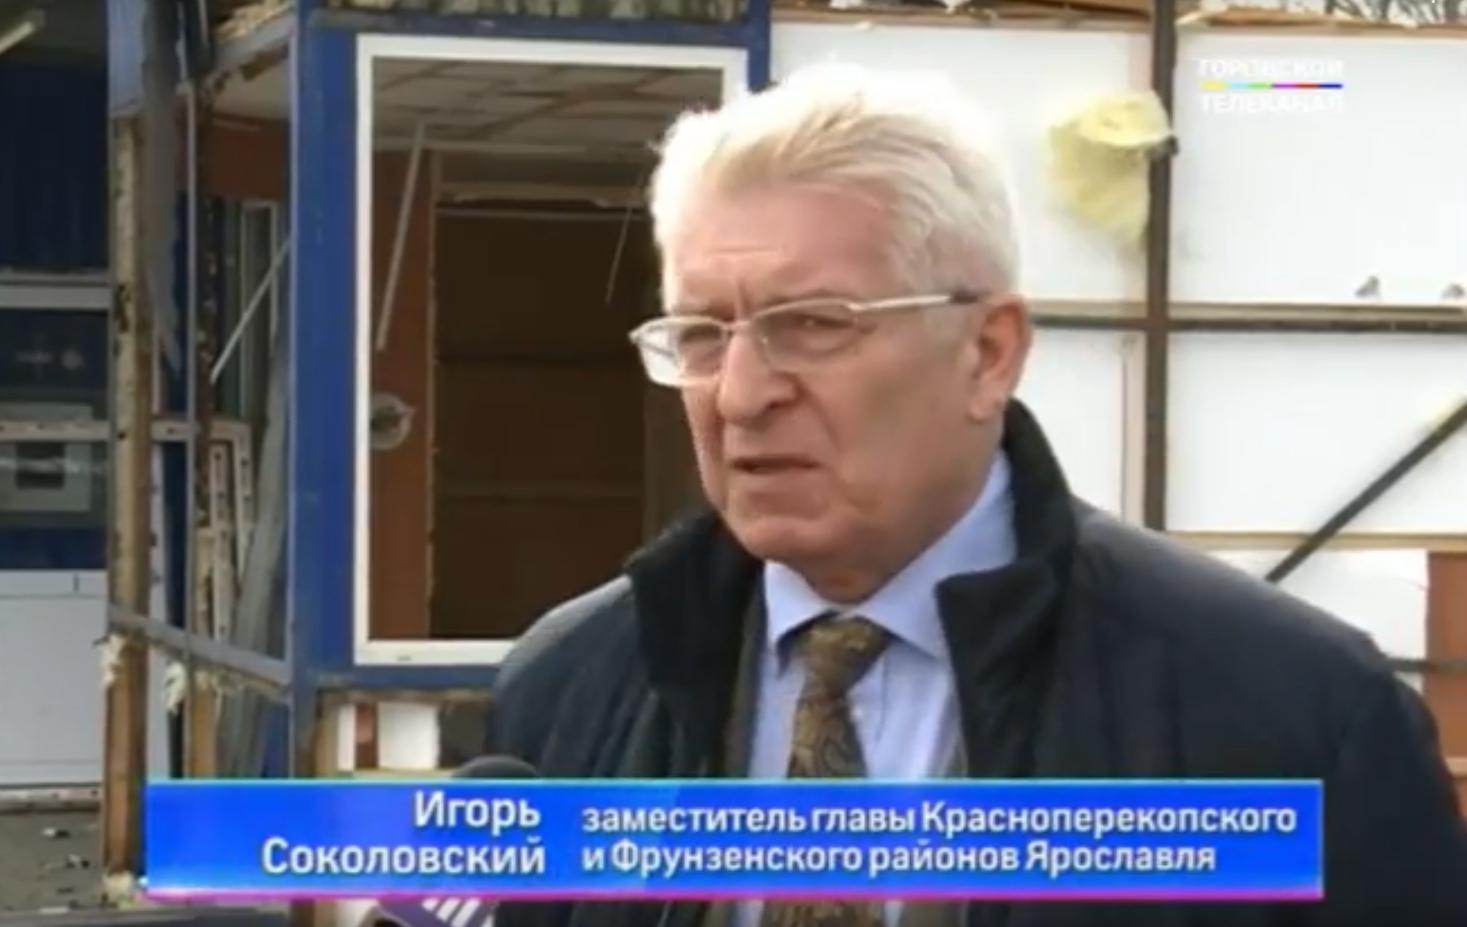 В Ярославле задержали бывшего заместителя главы Фрунзенского и Красноперекопского районов, Игоря Соколовского